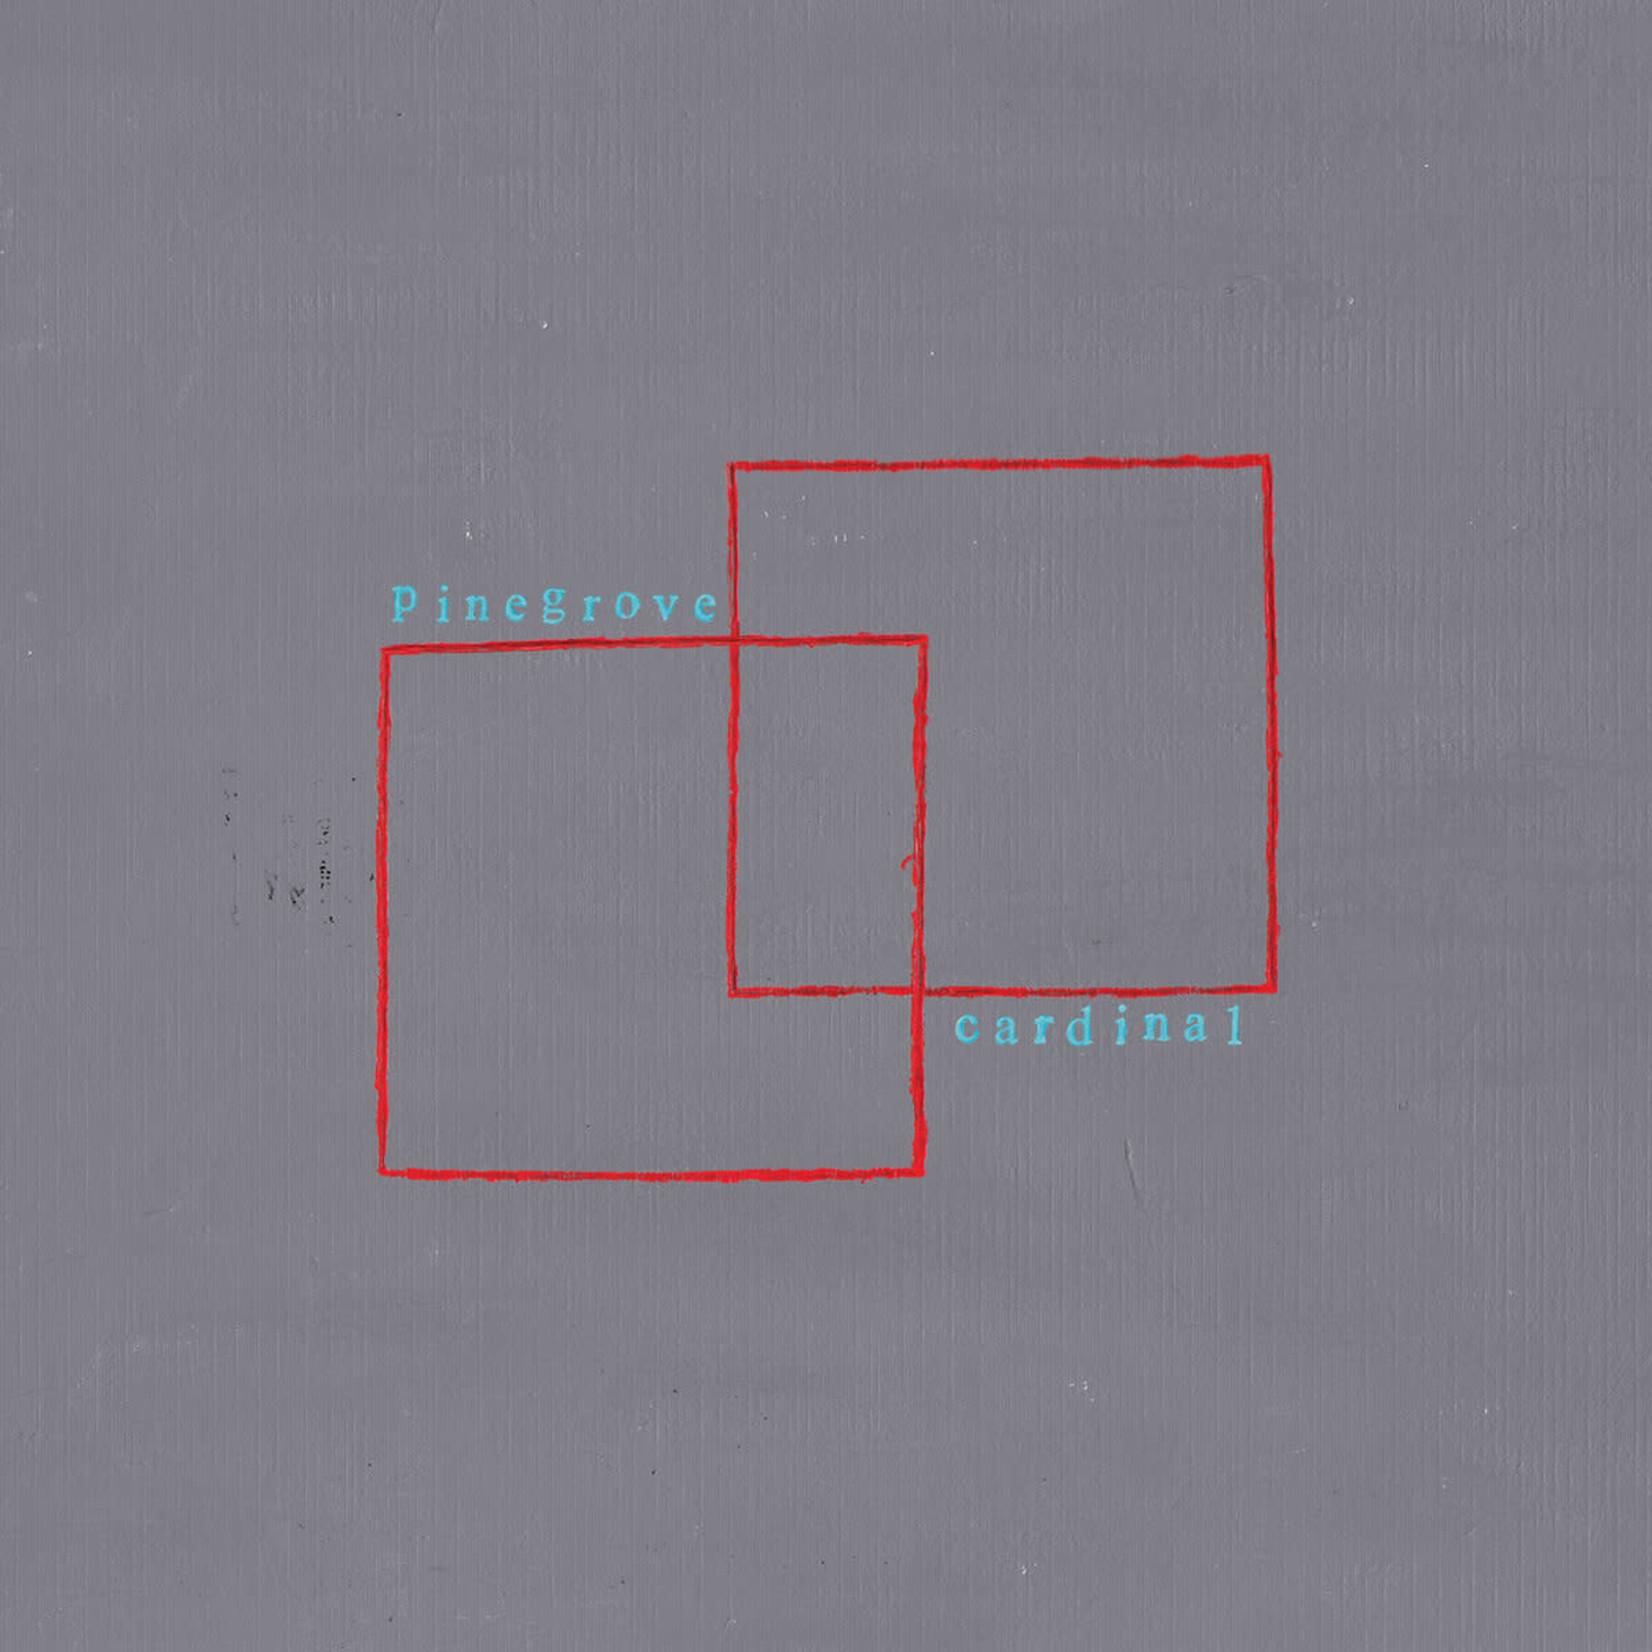 [New] Pinegrove: Cardinal